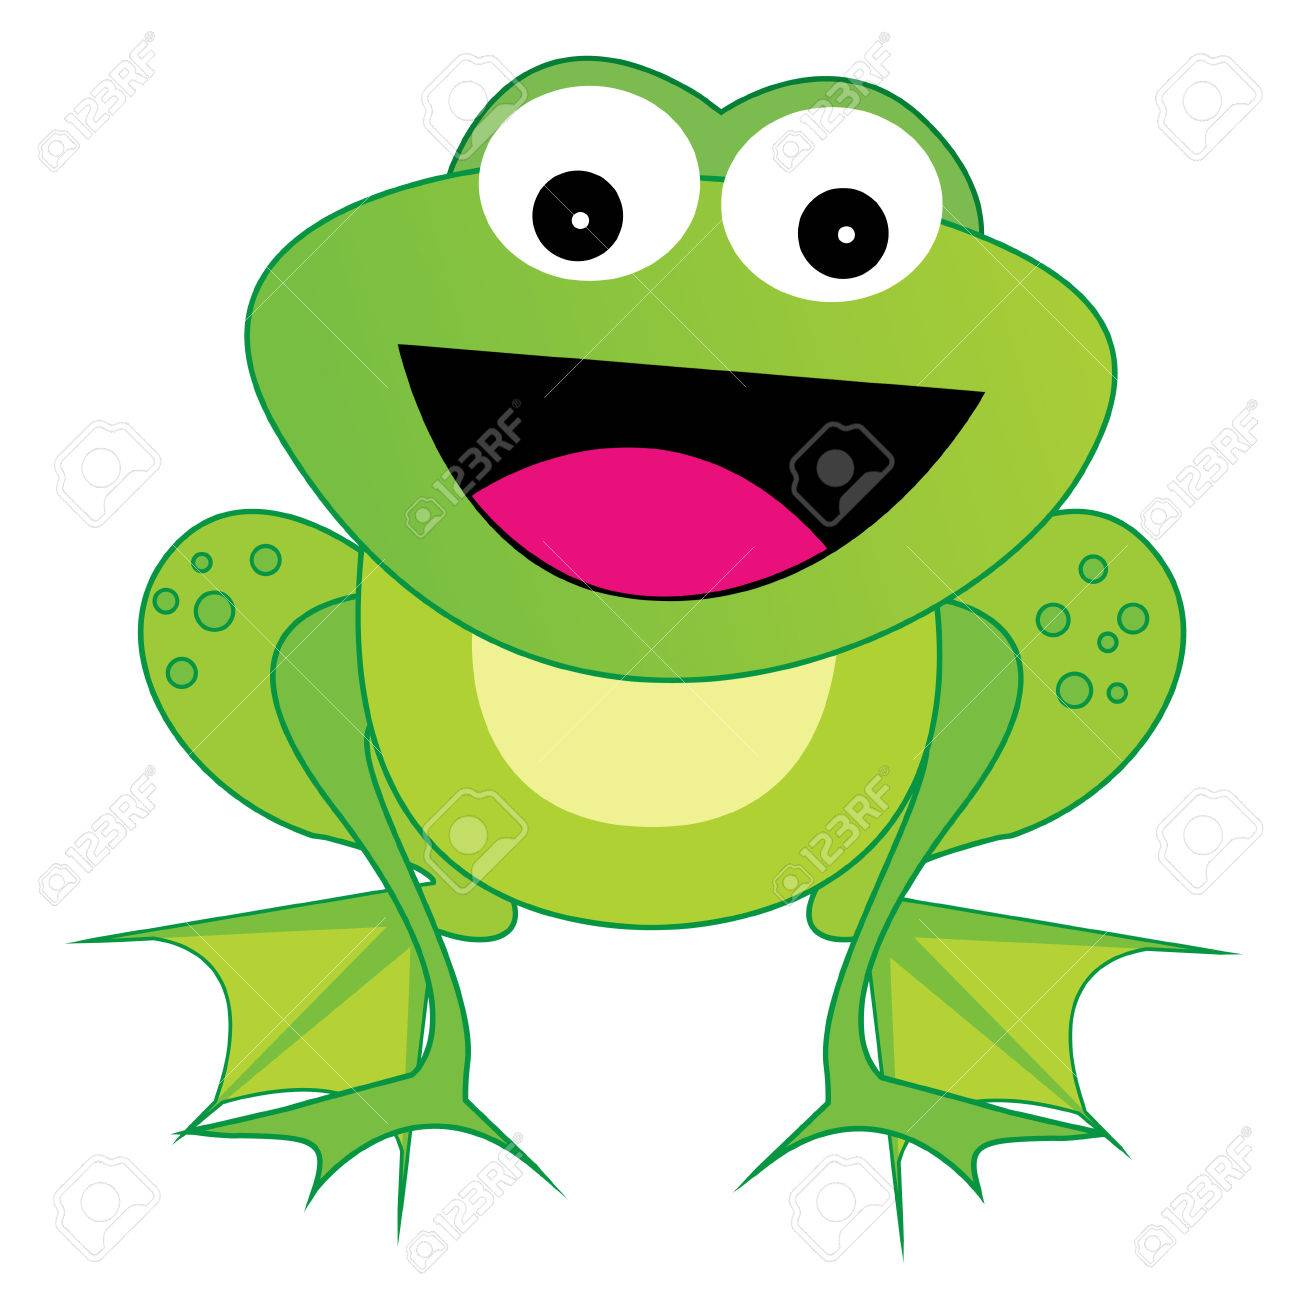 Nette Glücklich Lachend Frosch Illustration Isoliert Auf Weißem ...